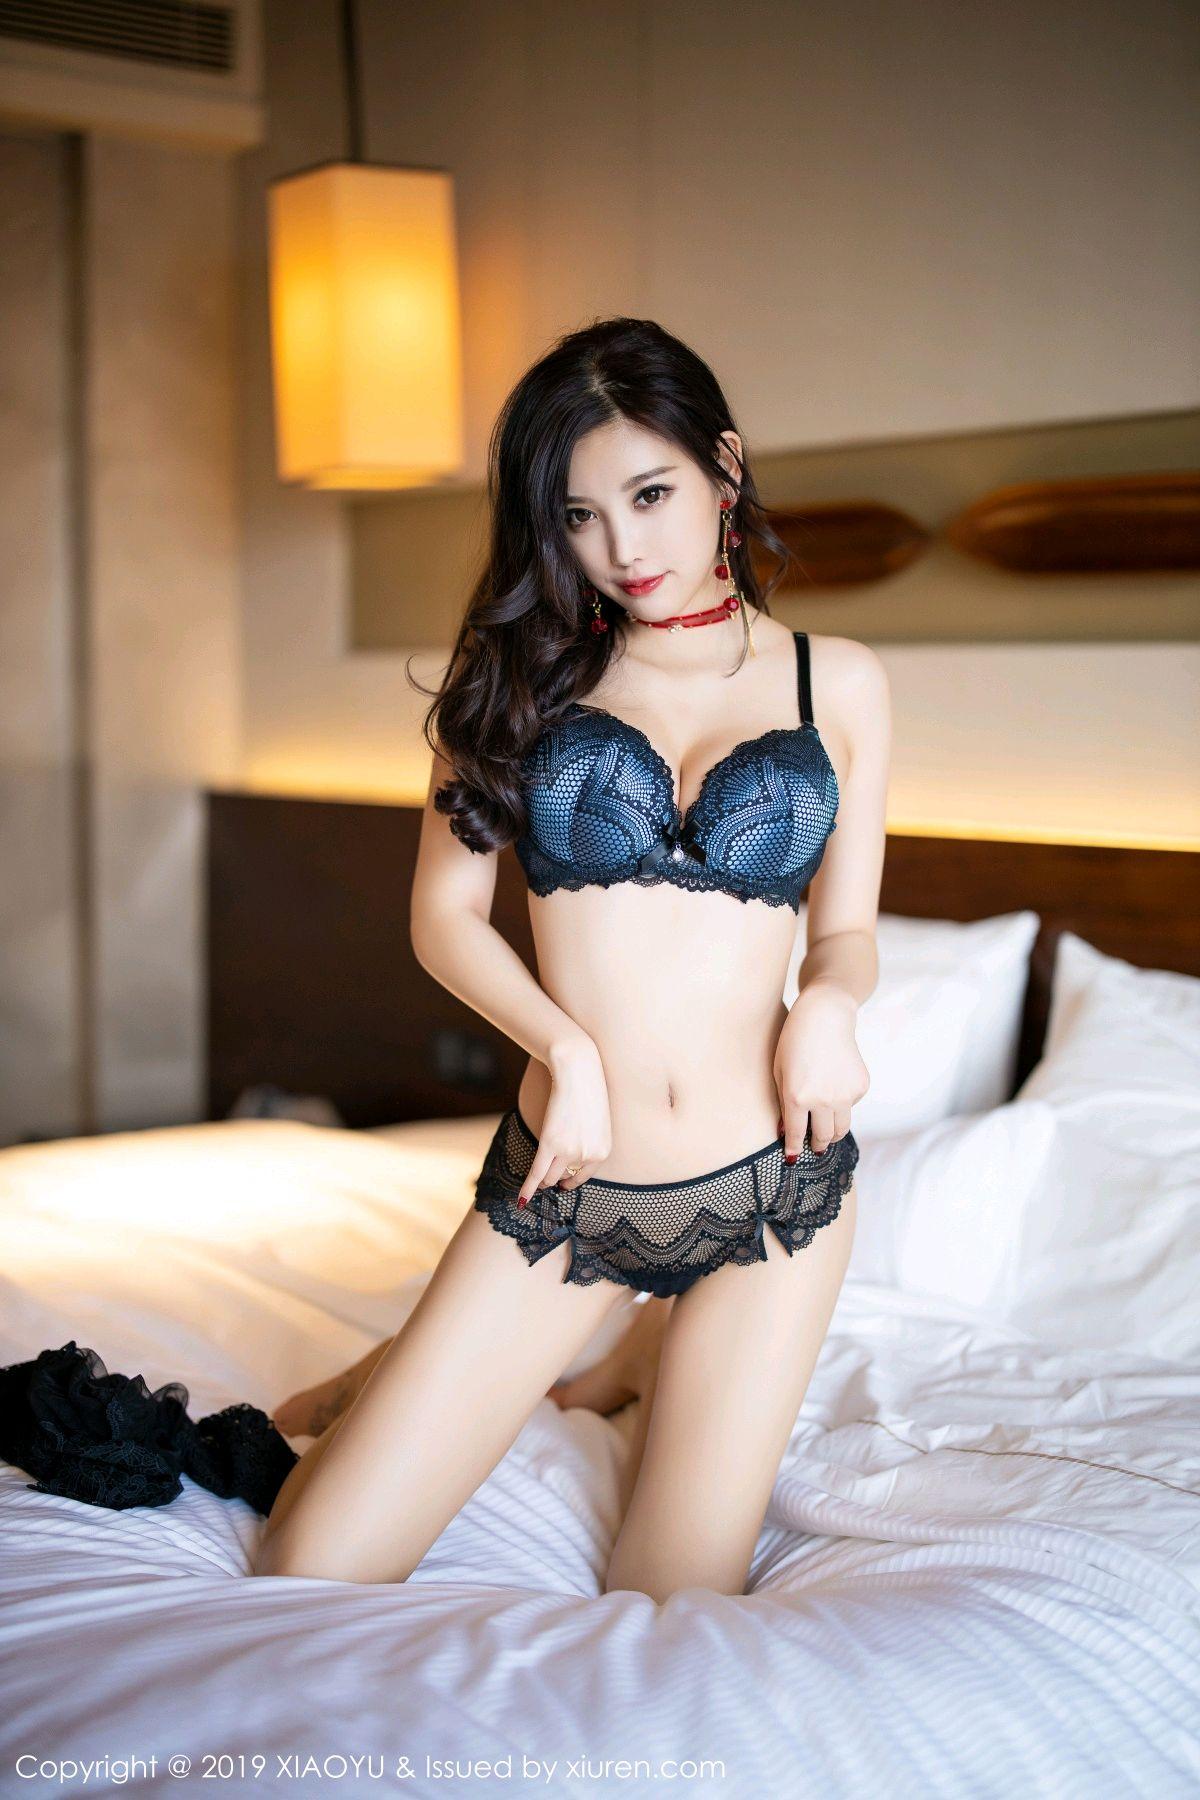 [XiaoYu] Vol.225 Yang Chen Chen 101P, Christmas, Underwear, XiaoYu, Yang Chen Chen